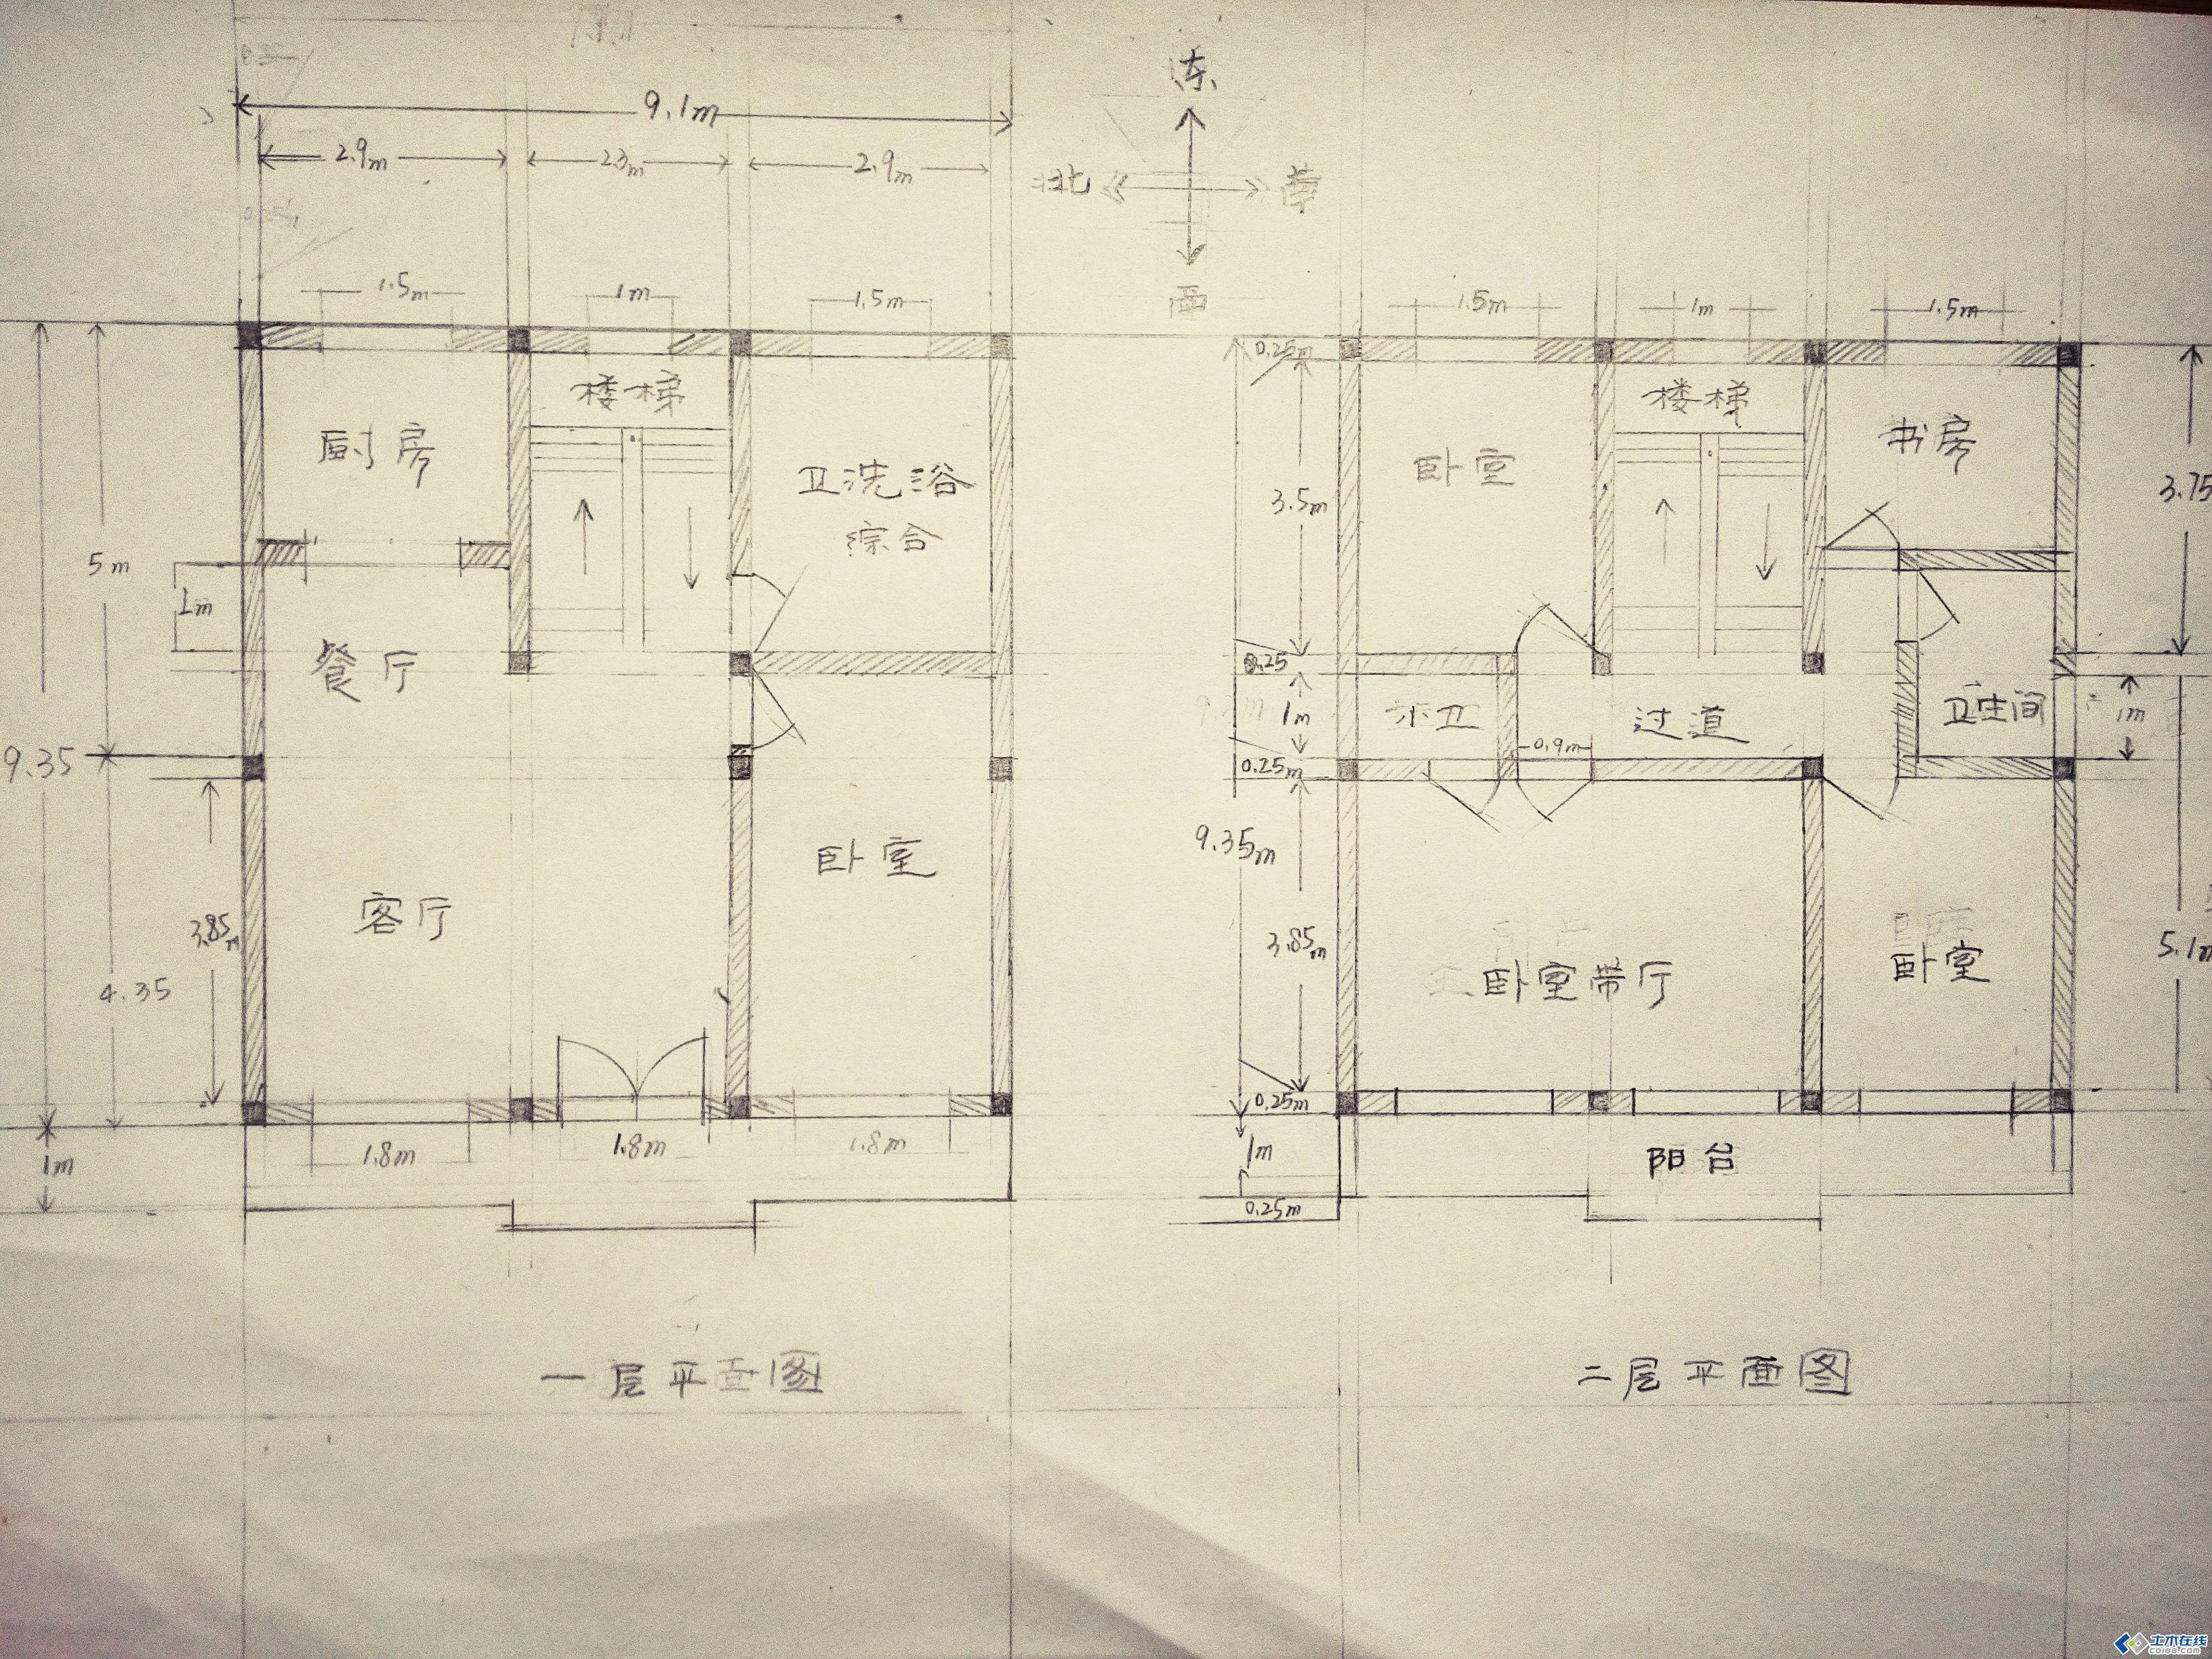 农村两层楼房平面没计图片http://bbsfile.co188